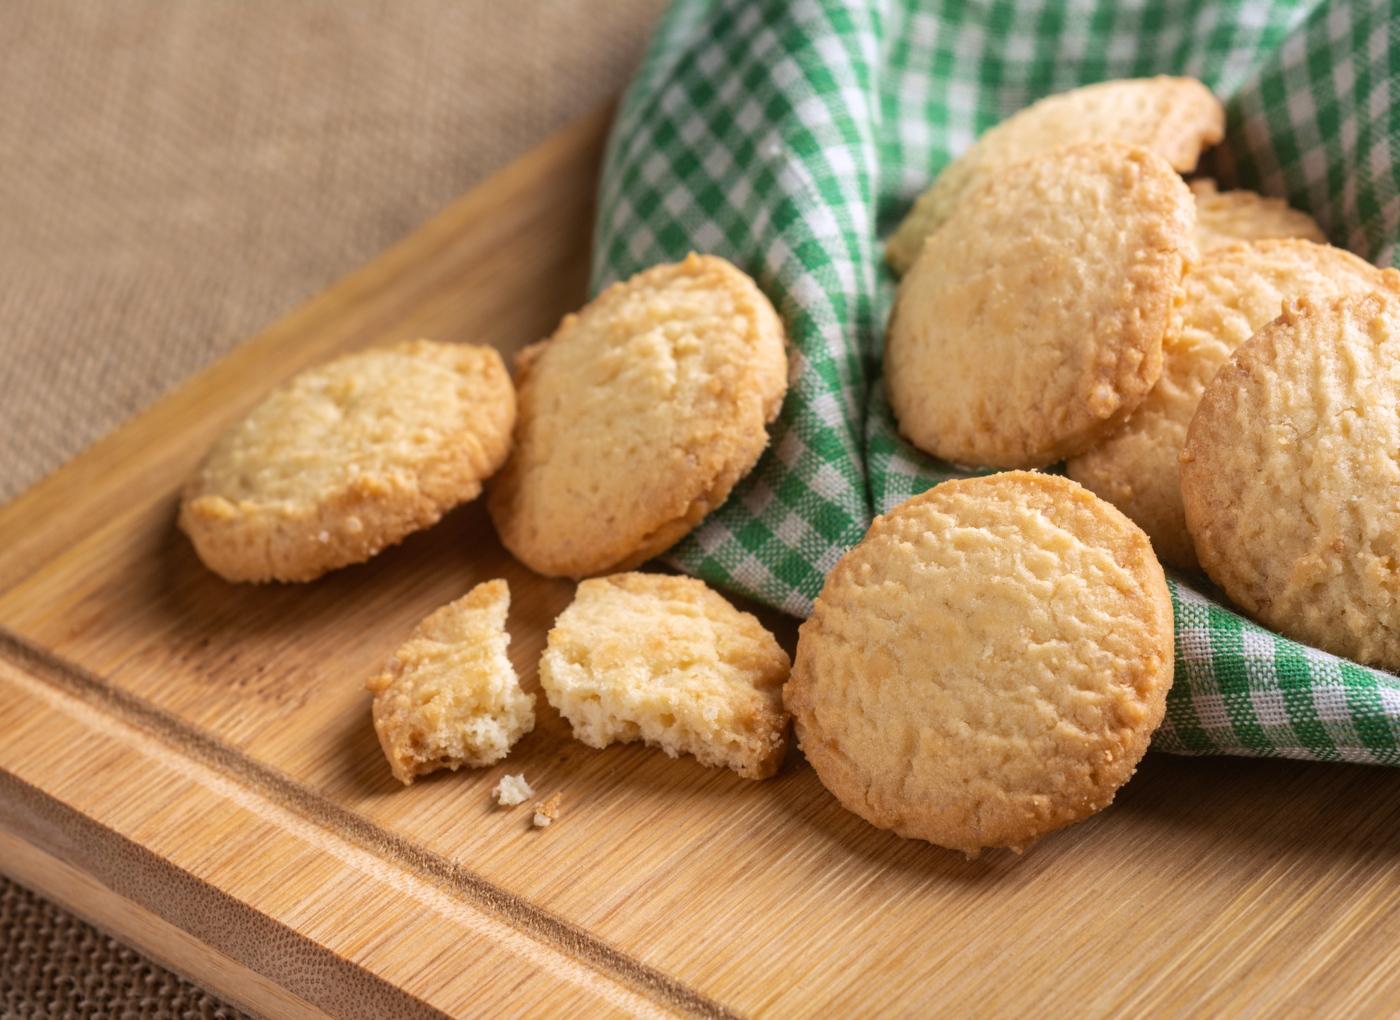 Receitas de bolachas na Bimby: bolachas de manteiga